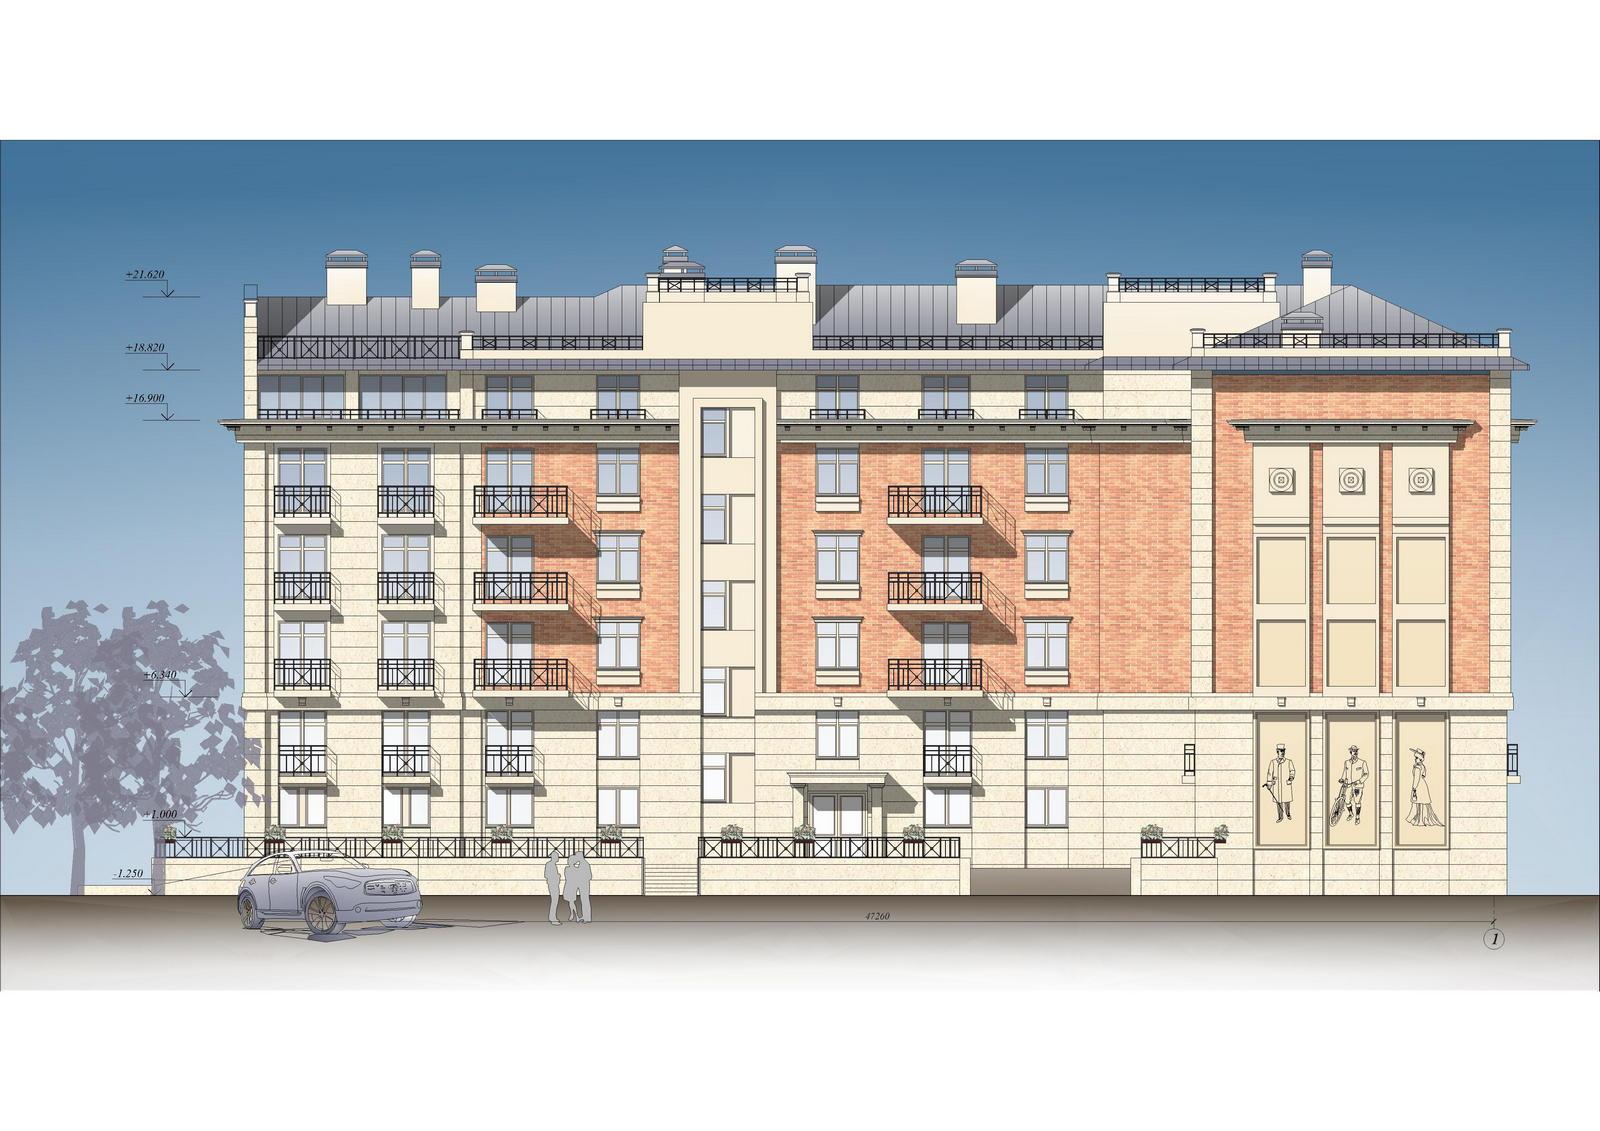 Строительство жилого дома с пристроенным подземным гаражом по адресу: СПб, ул. Савушкина, 14б